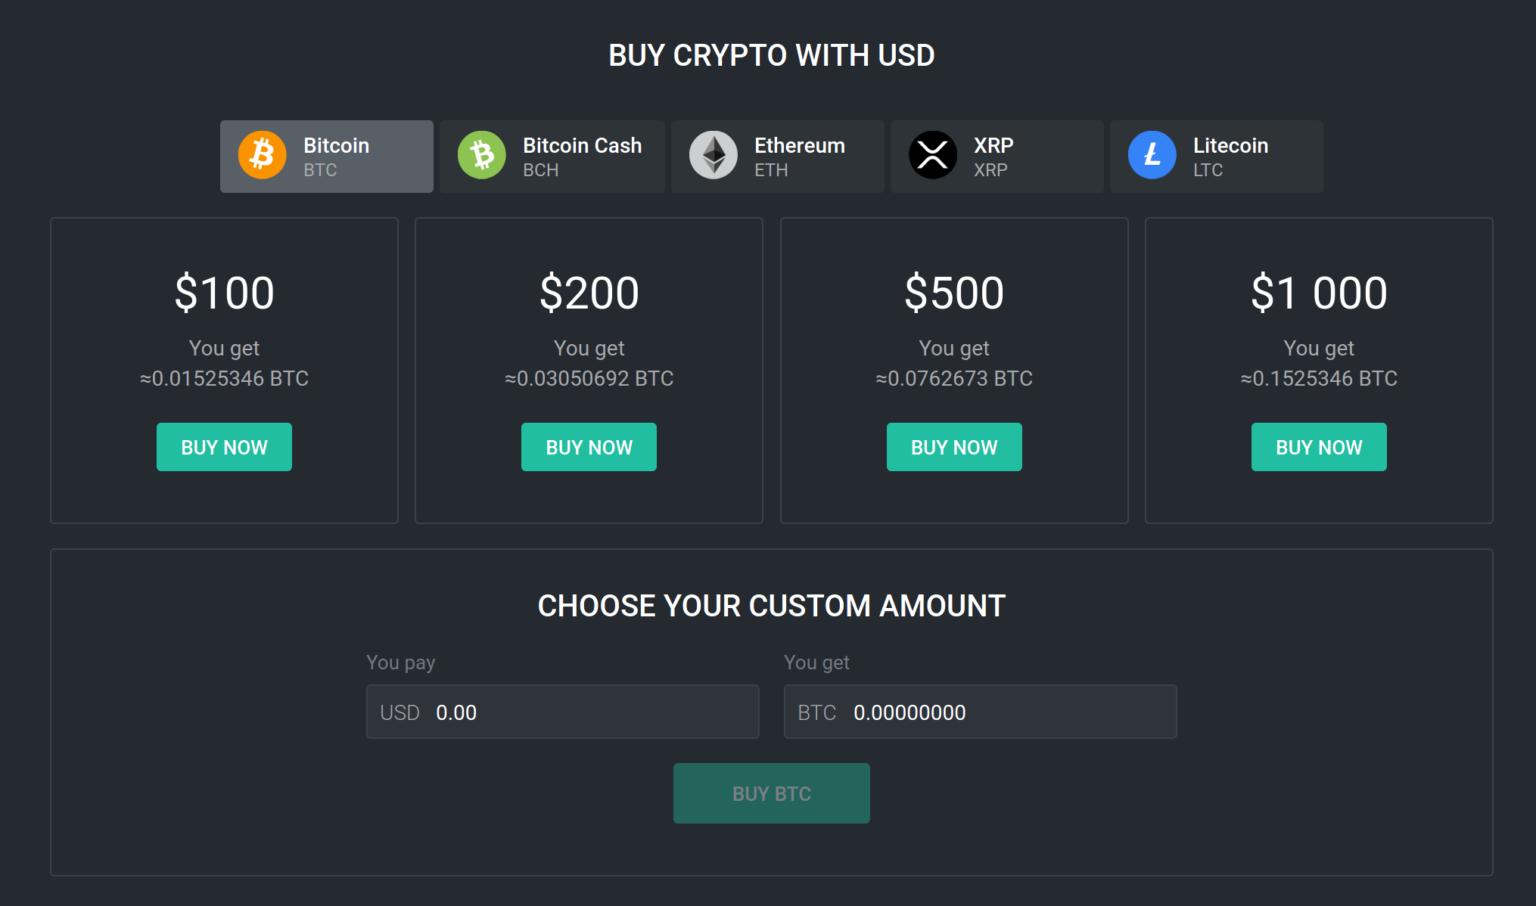 Chcesz kupić swojego pierwszego Bitcoina? | beincrypto.pl